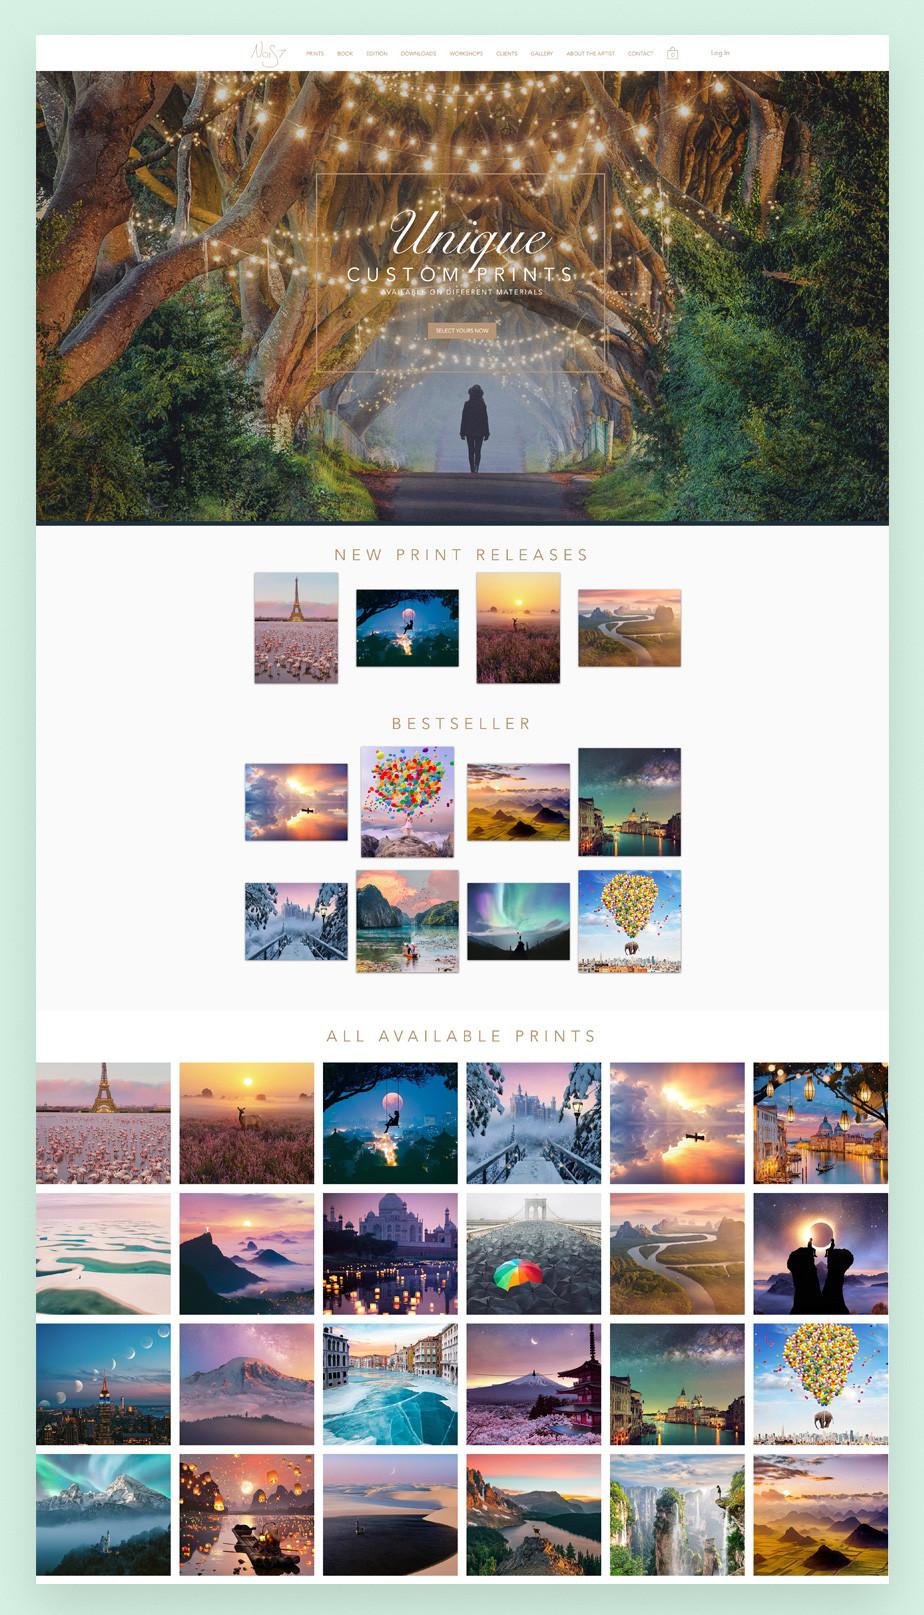 Screenshot do site de portfolio de fotografia Nois7.com